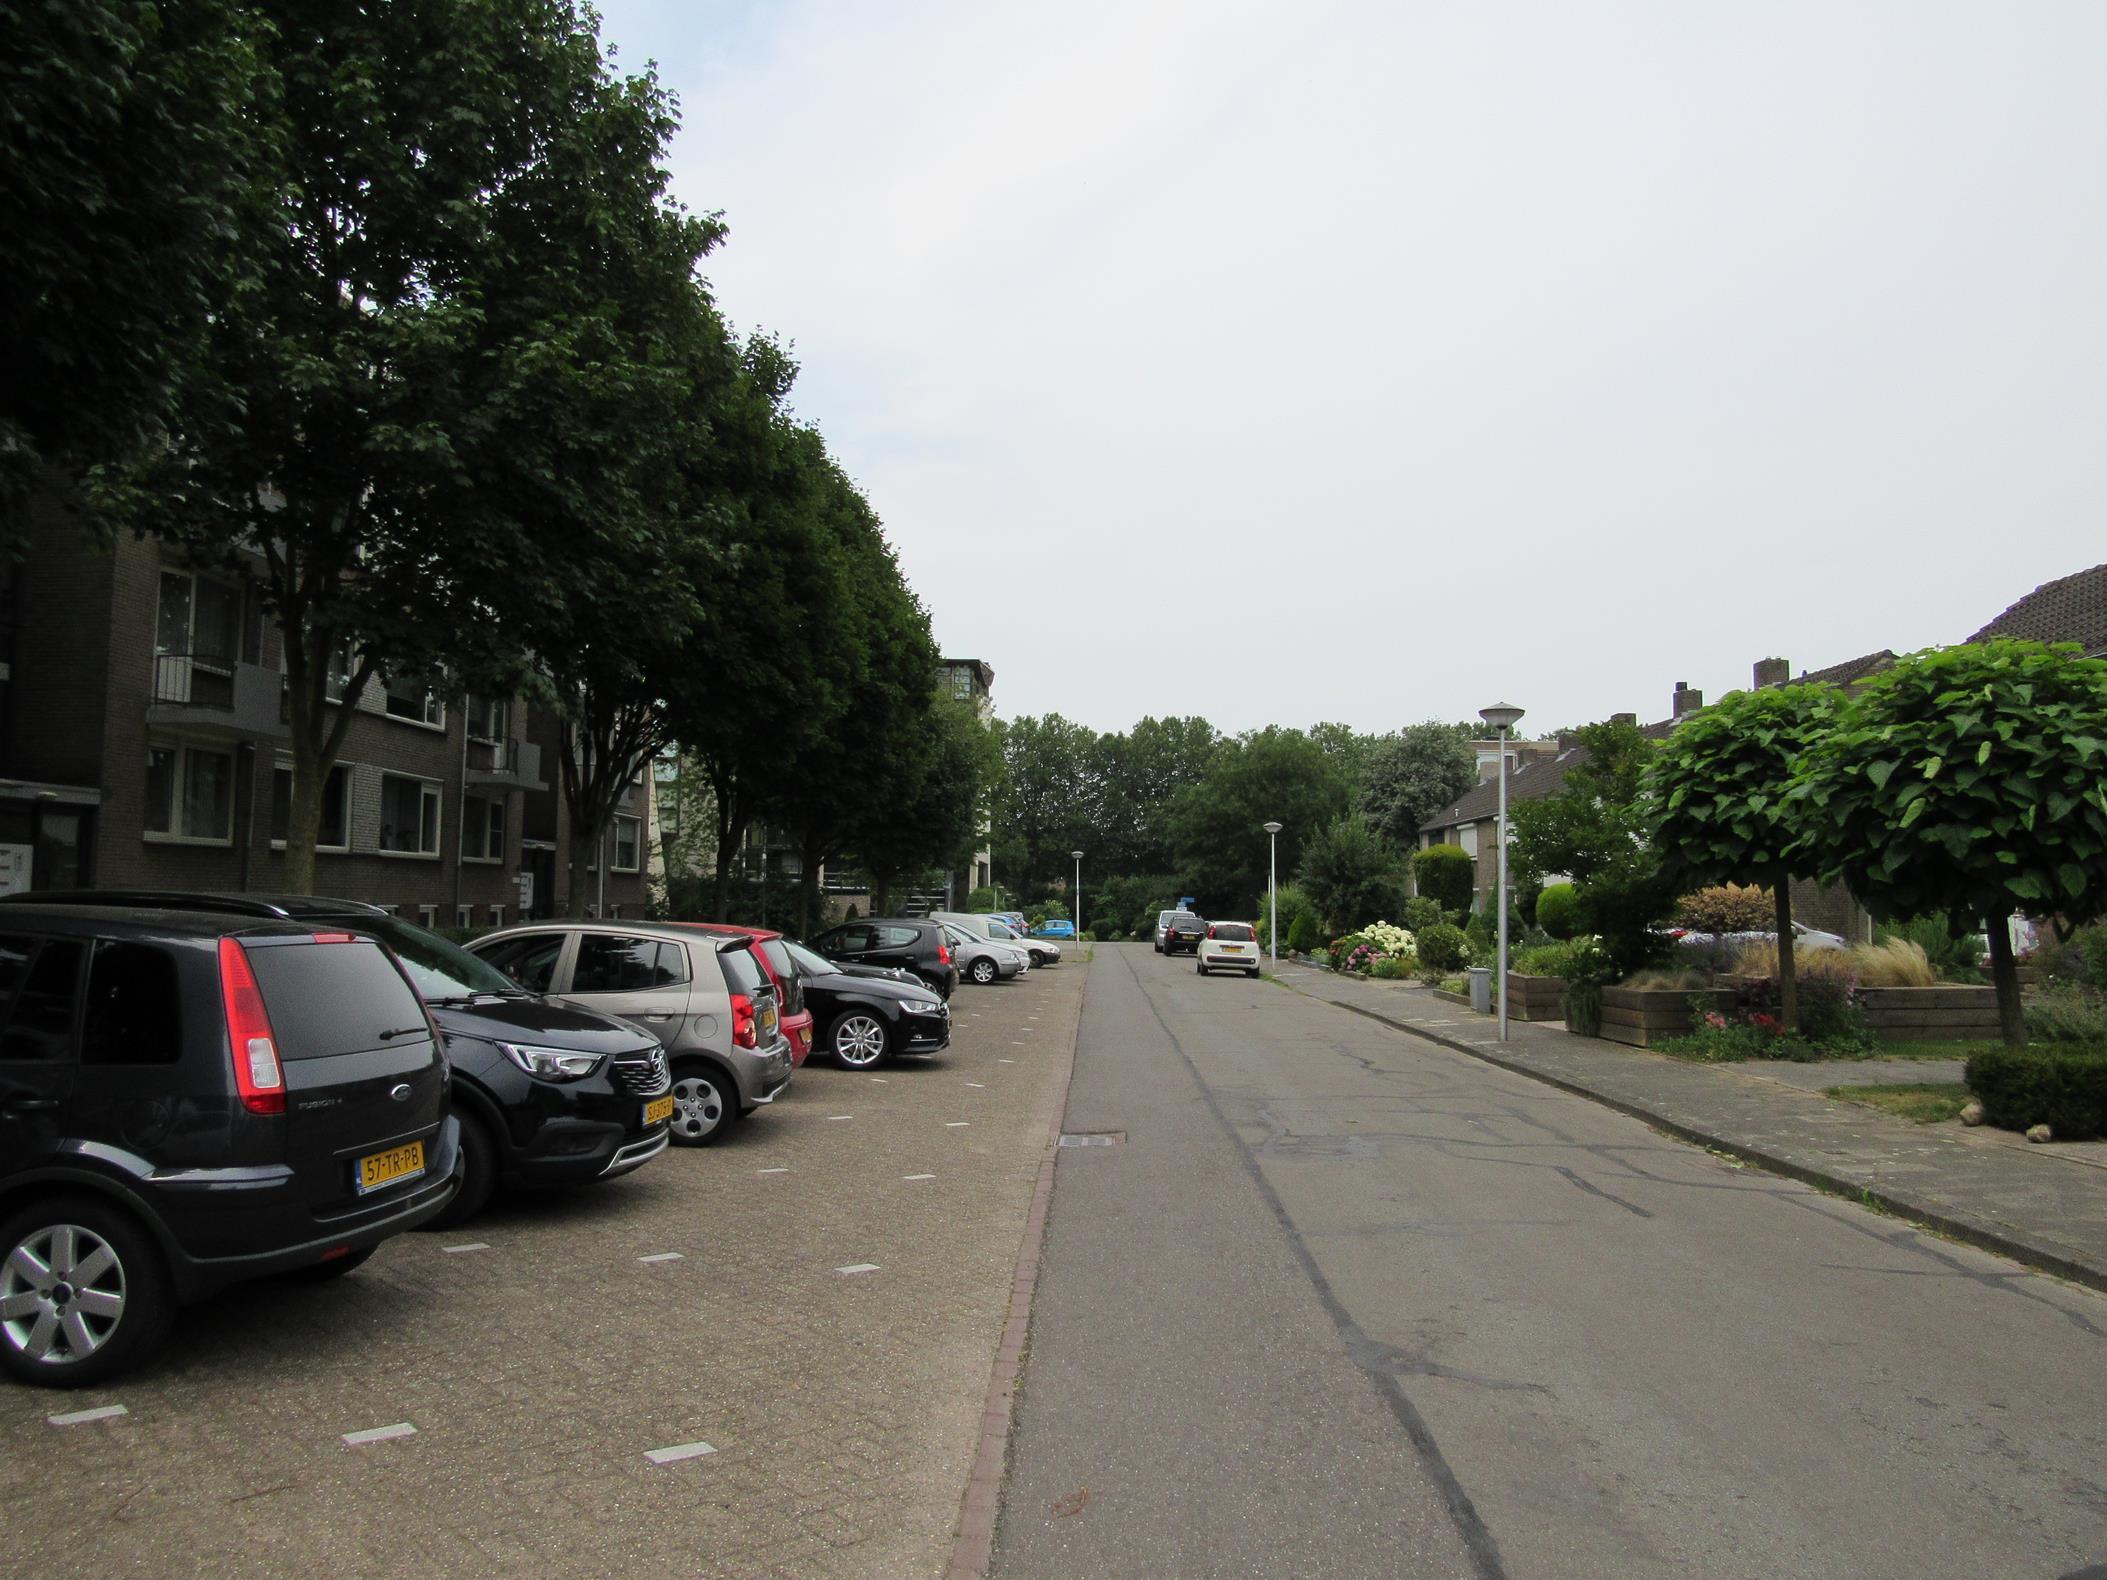 Zeepziedersdreef, Maastricht